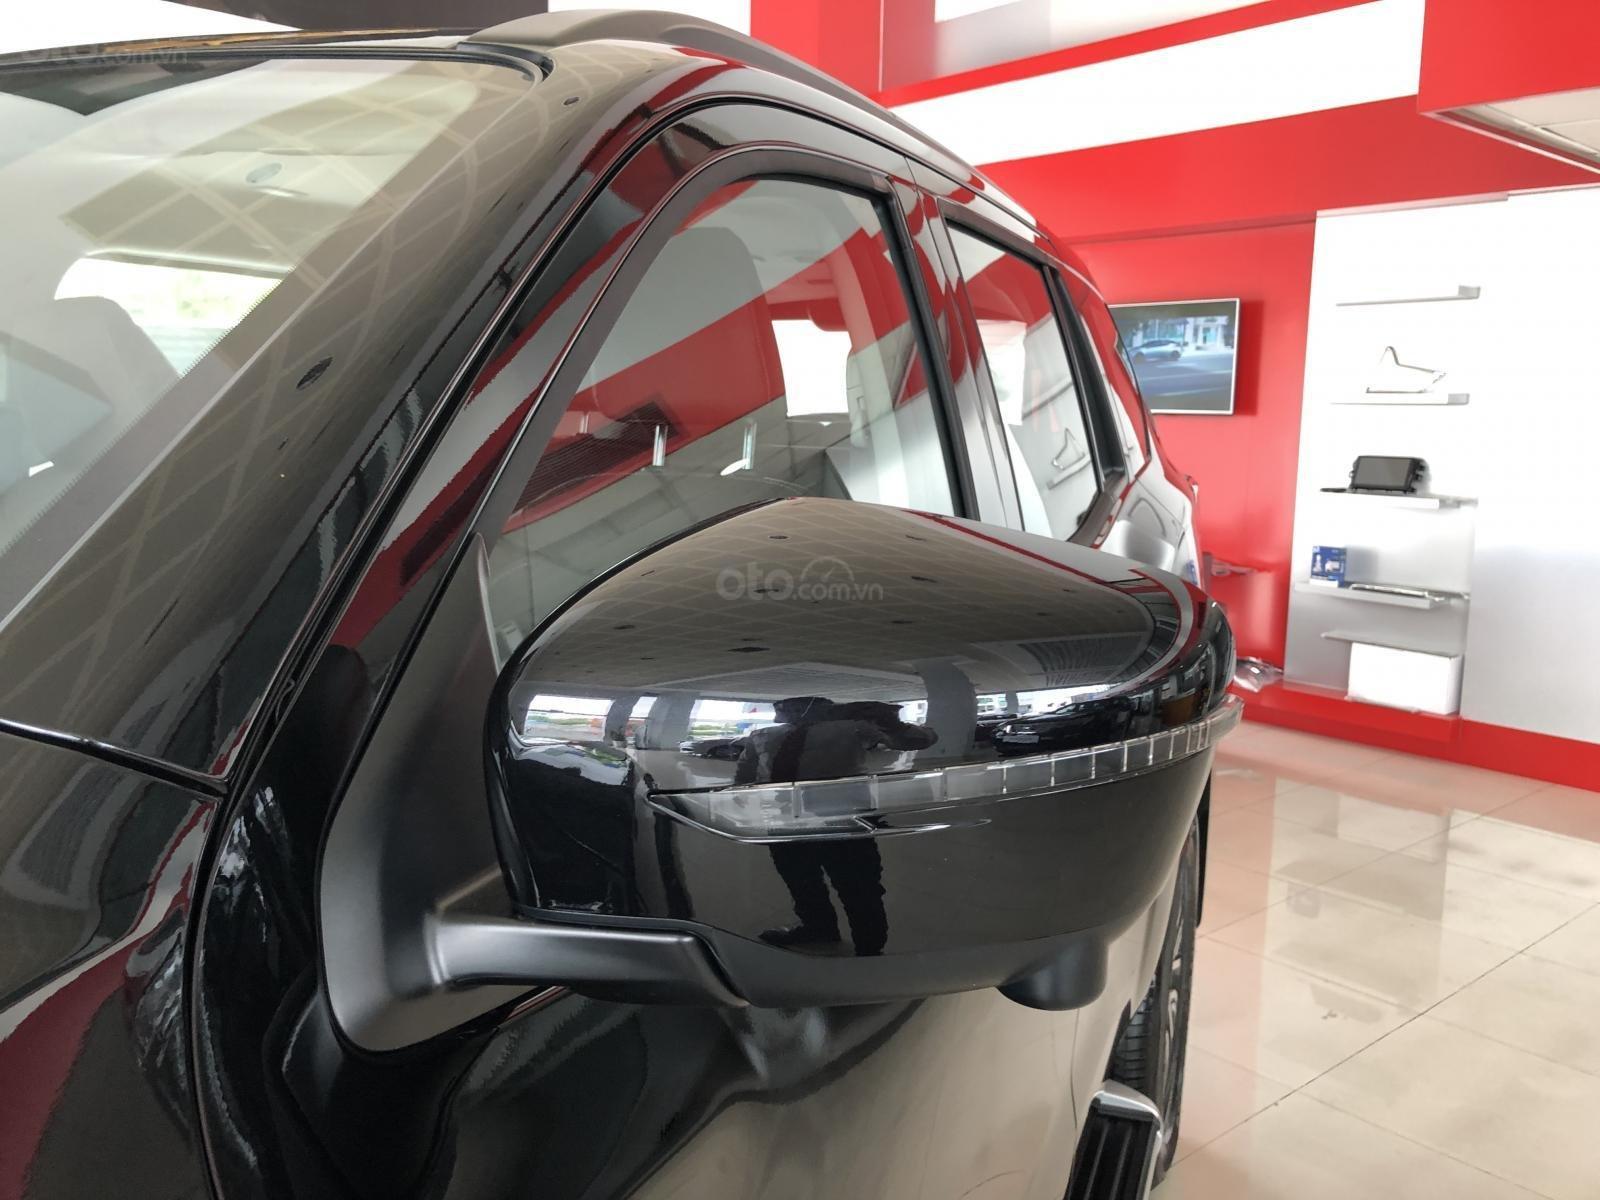 Cần bán Nissan Terra V 2.5 AT 4 WD sản xuất 2019, tặng BHVC thân xe, CTKM hấp dẫn, giao xe ngày, LH 0938 357 929-6